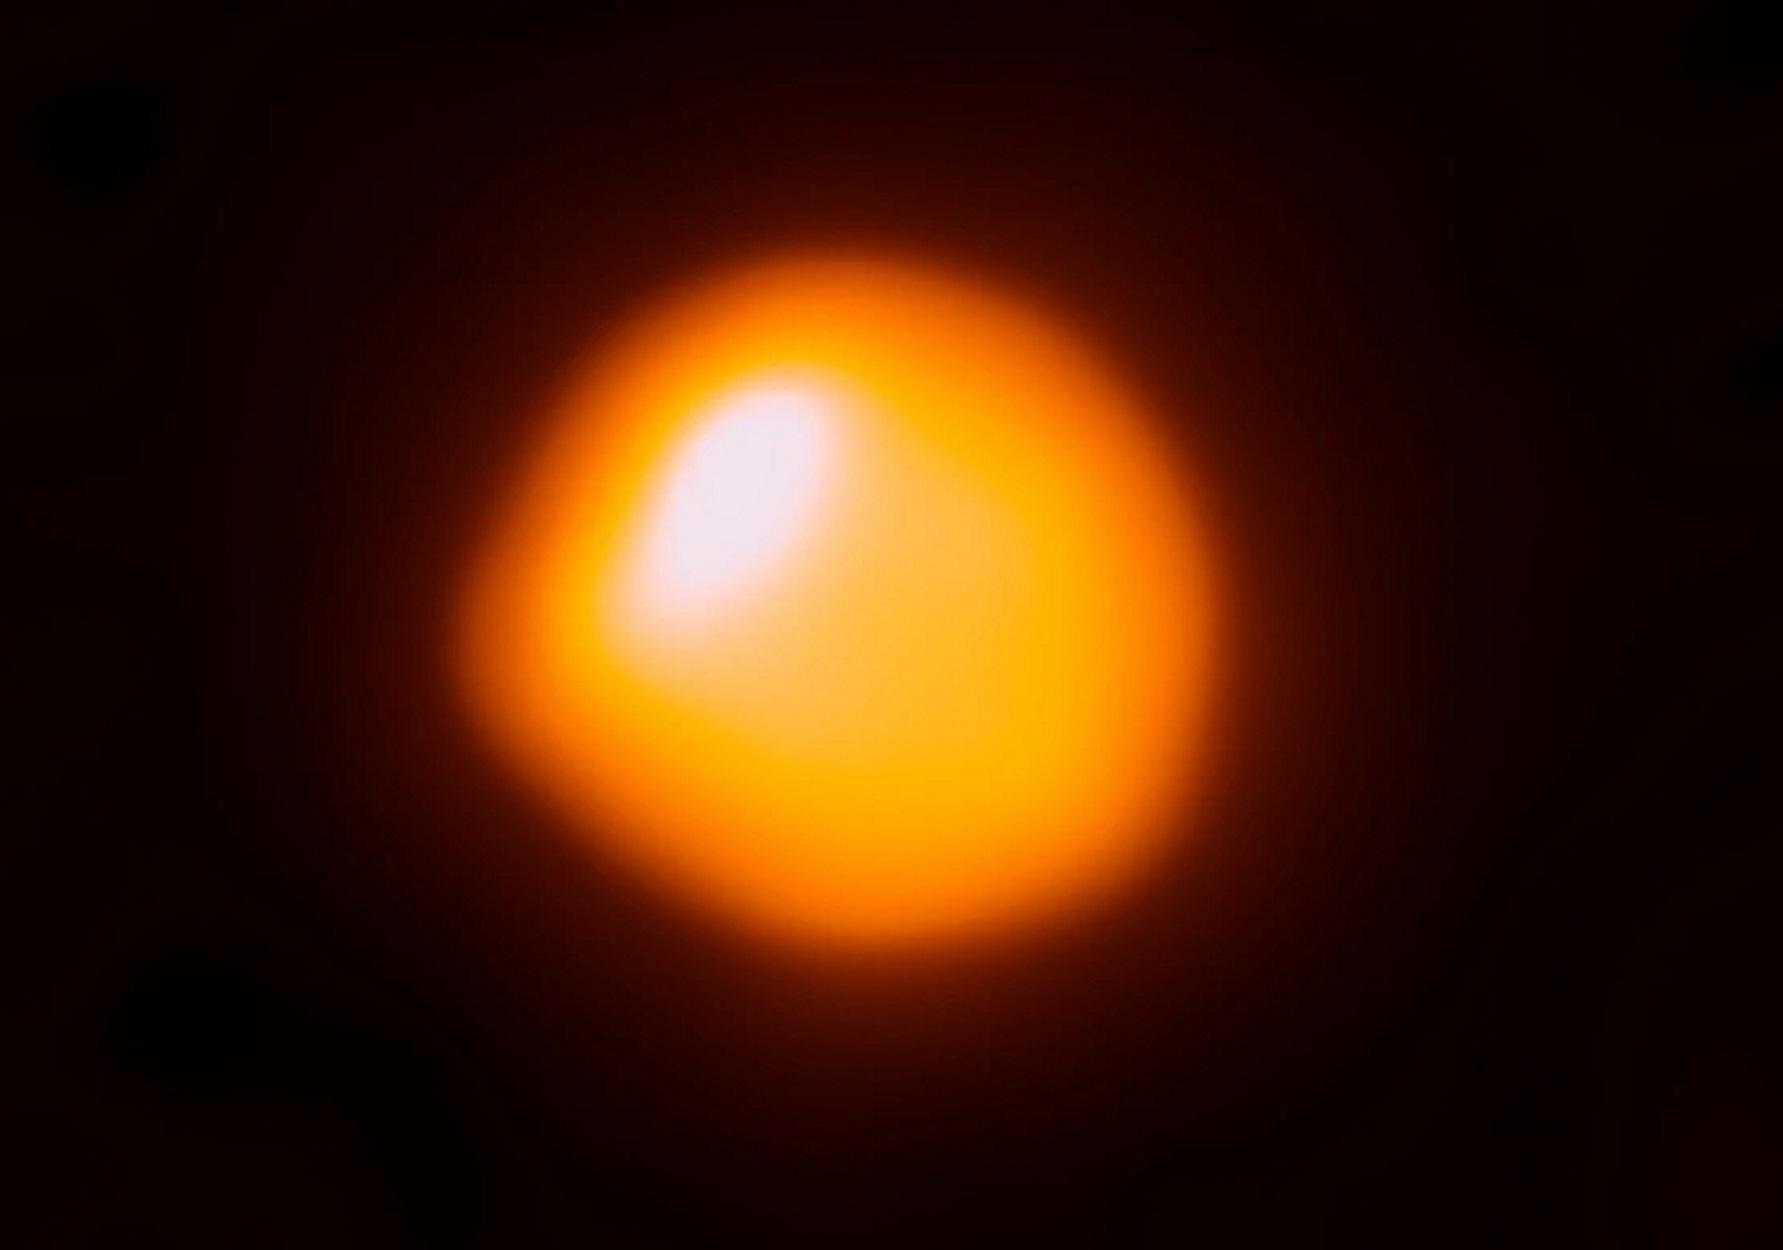 Το υπεργιγάντιο άστρο Μπετελγκέζ δεν είναι αυτό που φαίνεται